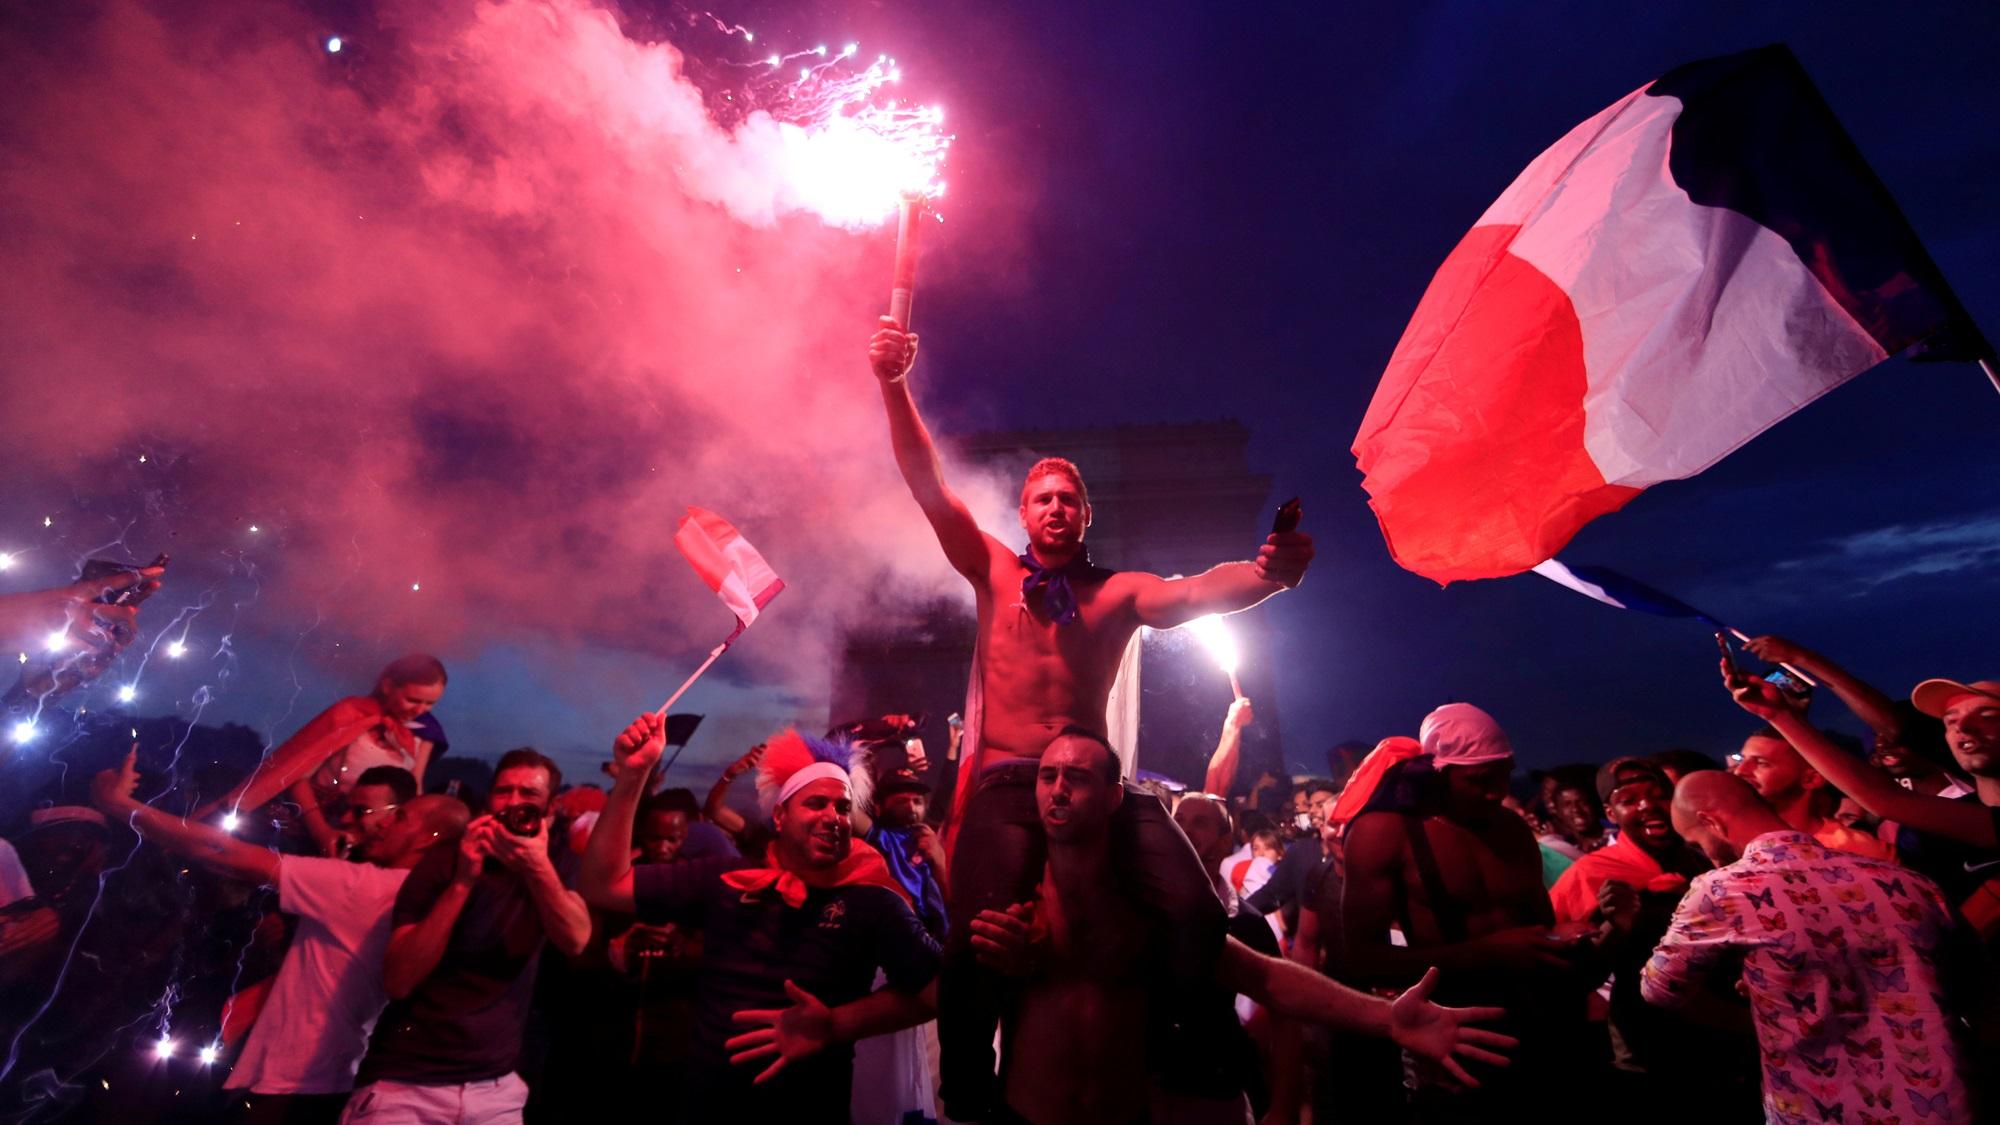 Festejo mundialista en París termina con choques con la Policía